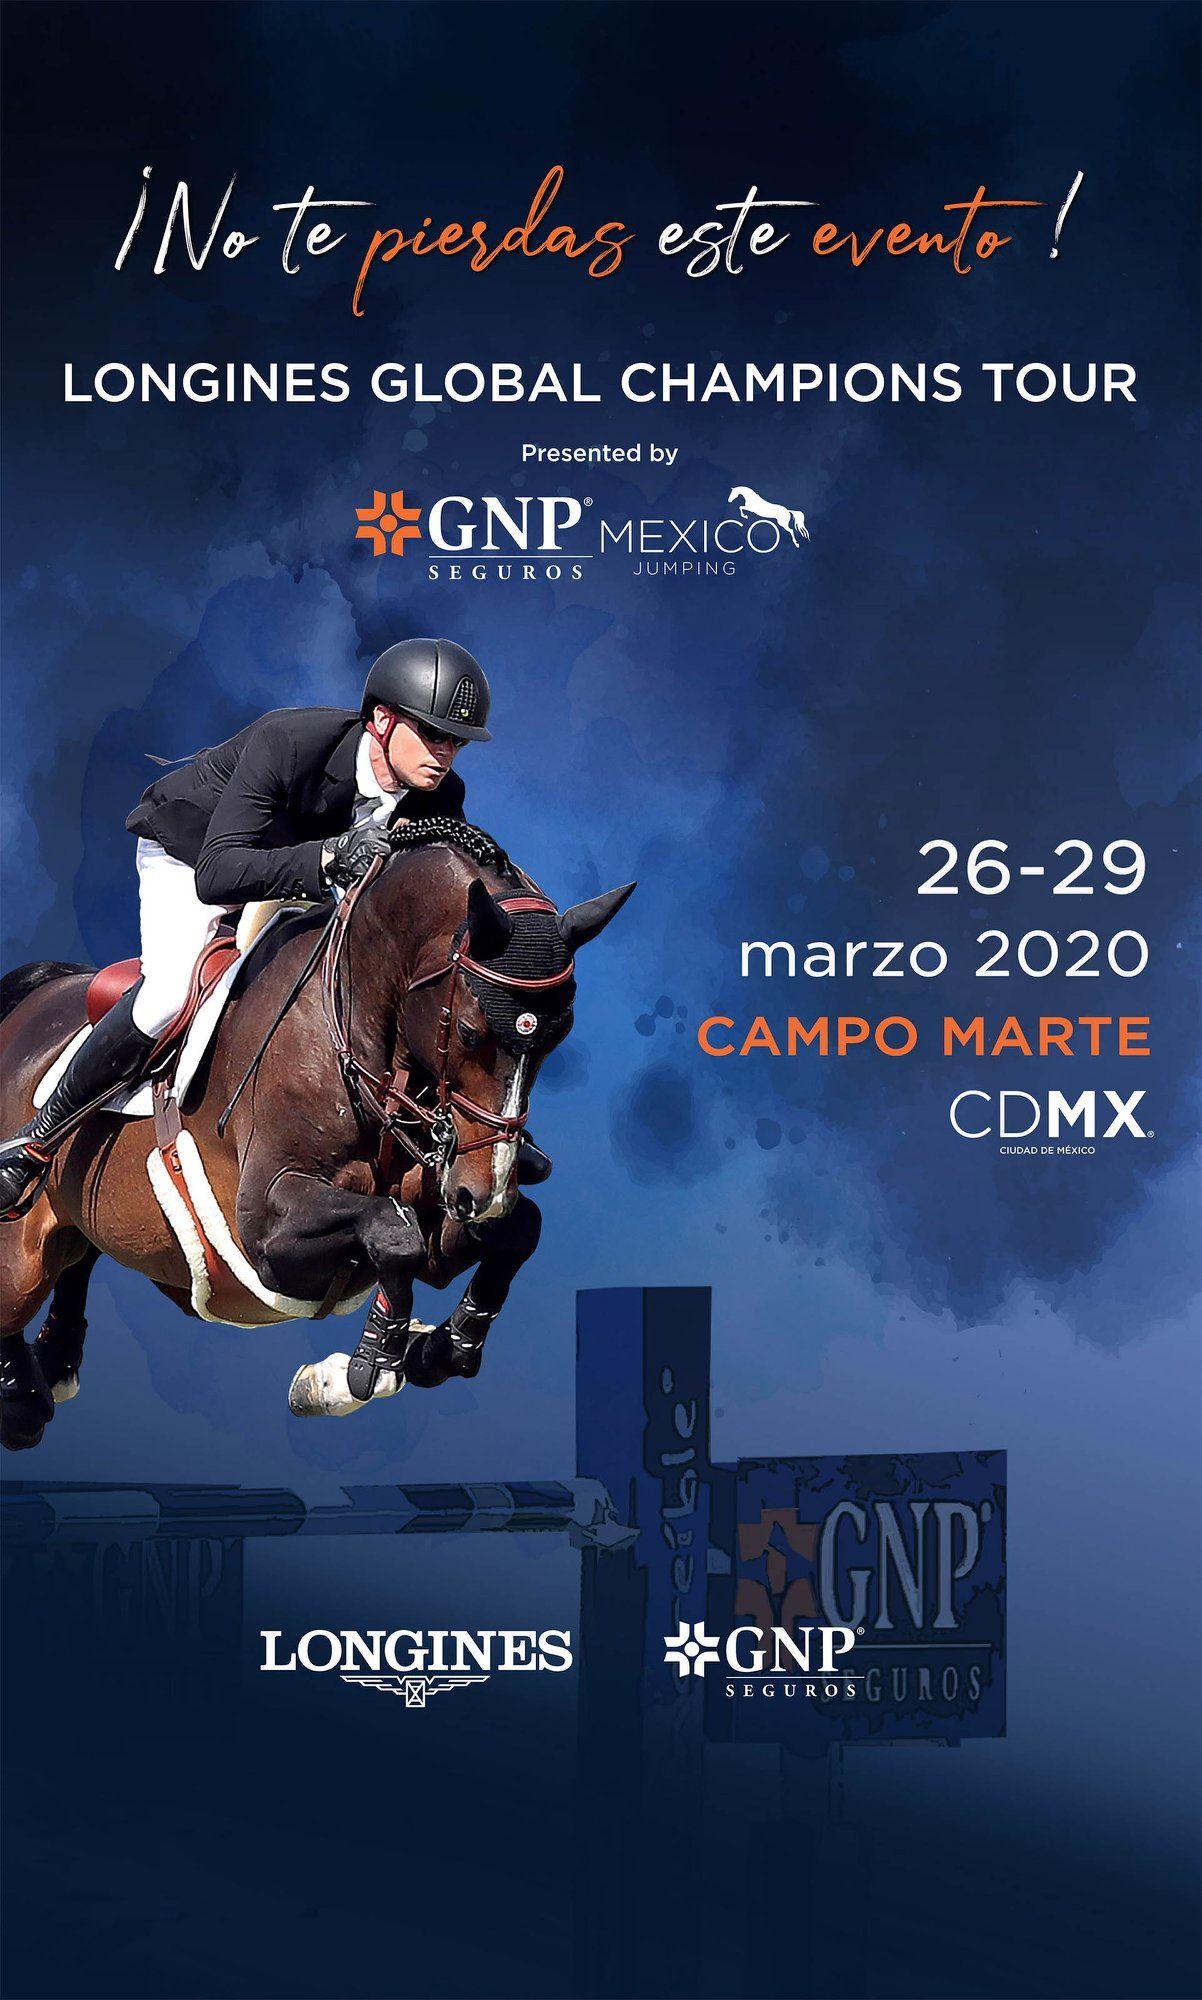 Longines Global Champions Tour Mexicoo 2020- Presentado por GNP Mexico-precio